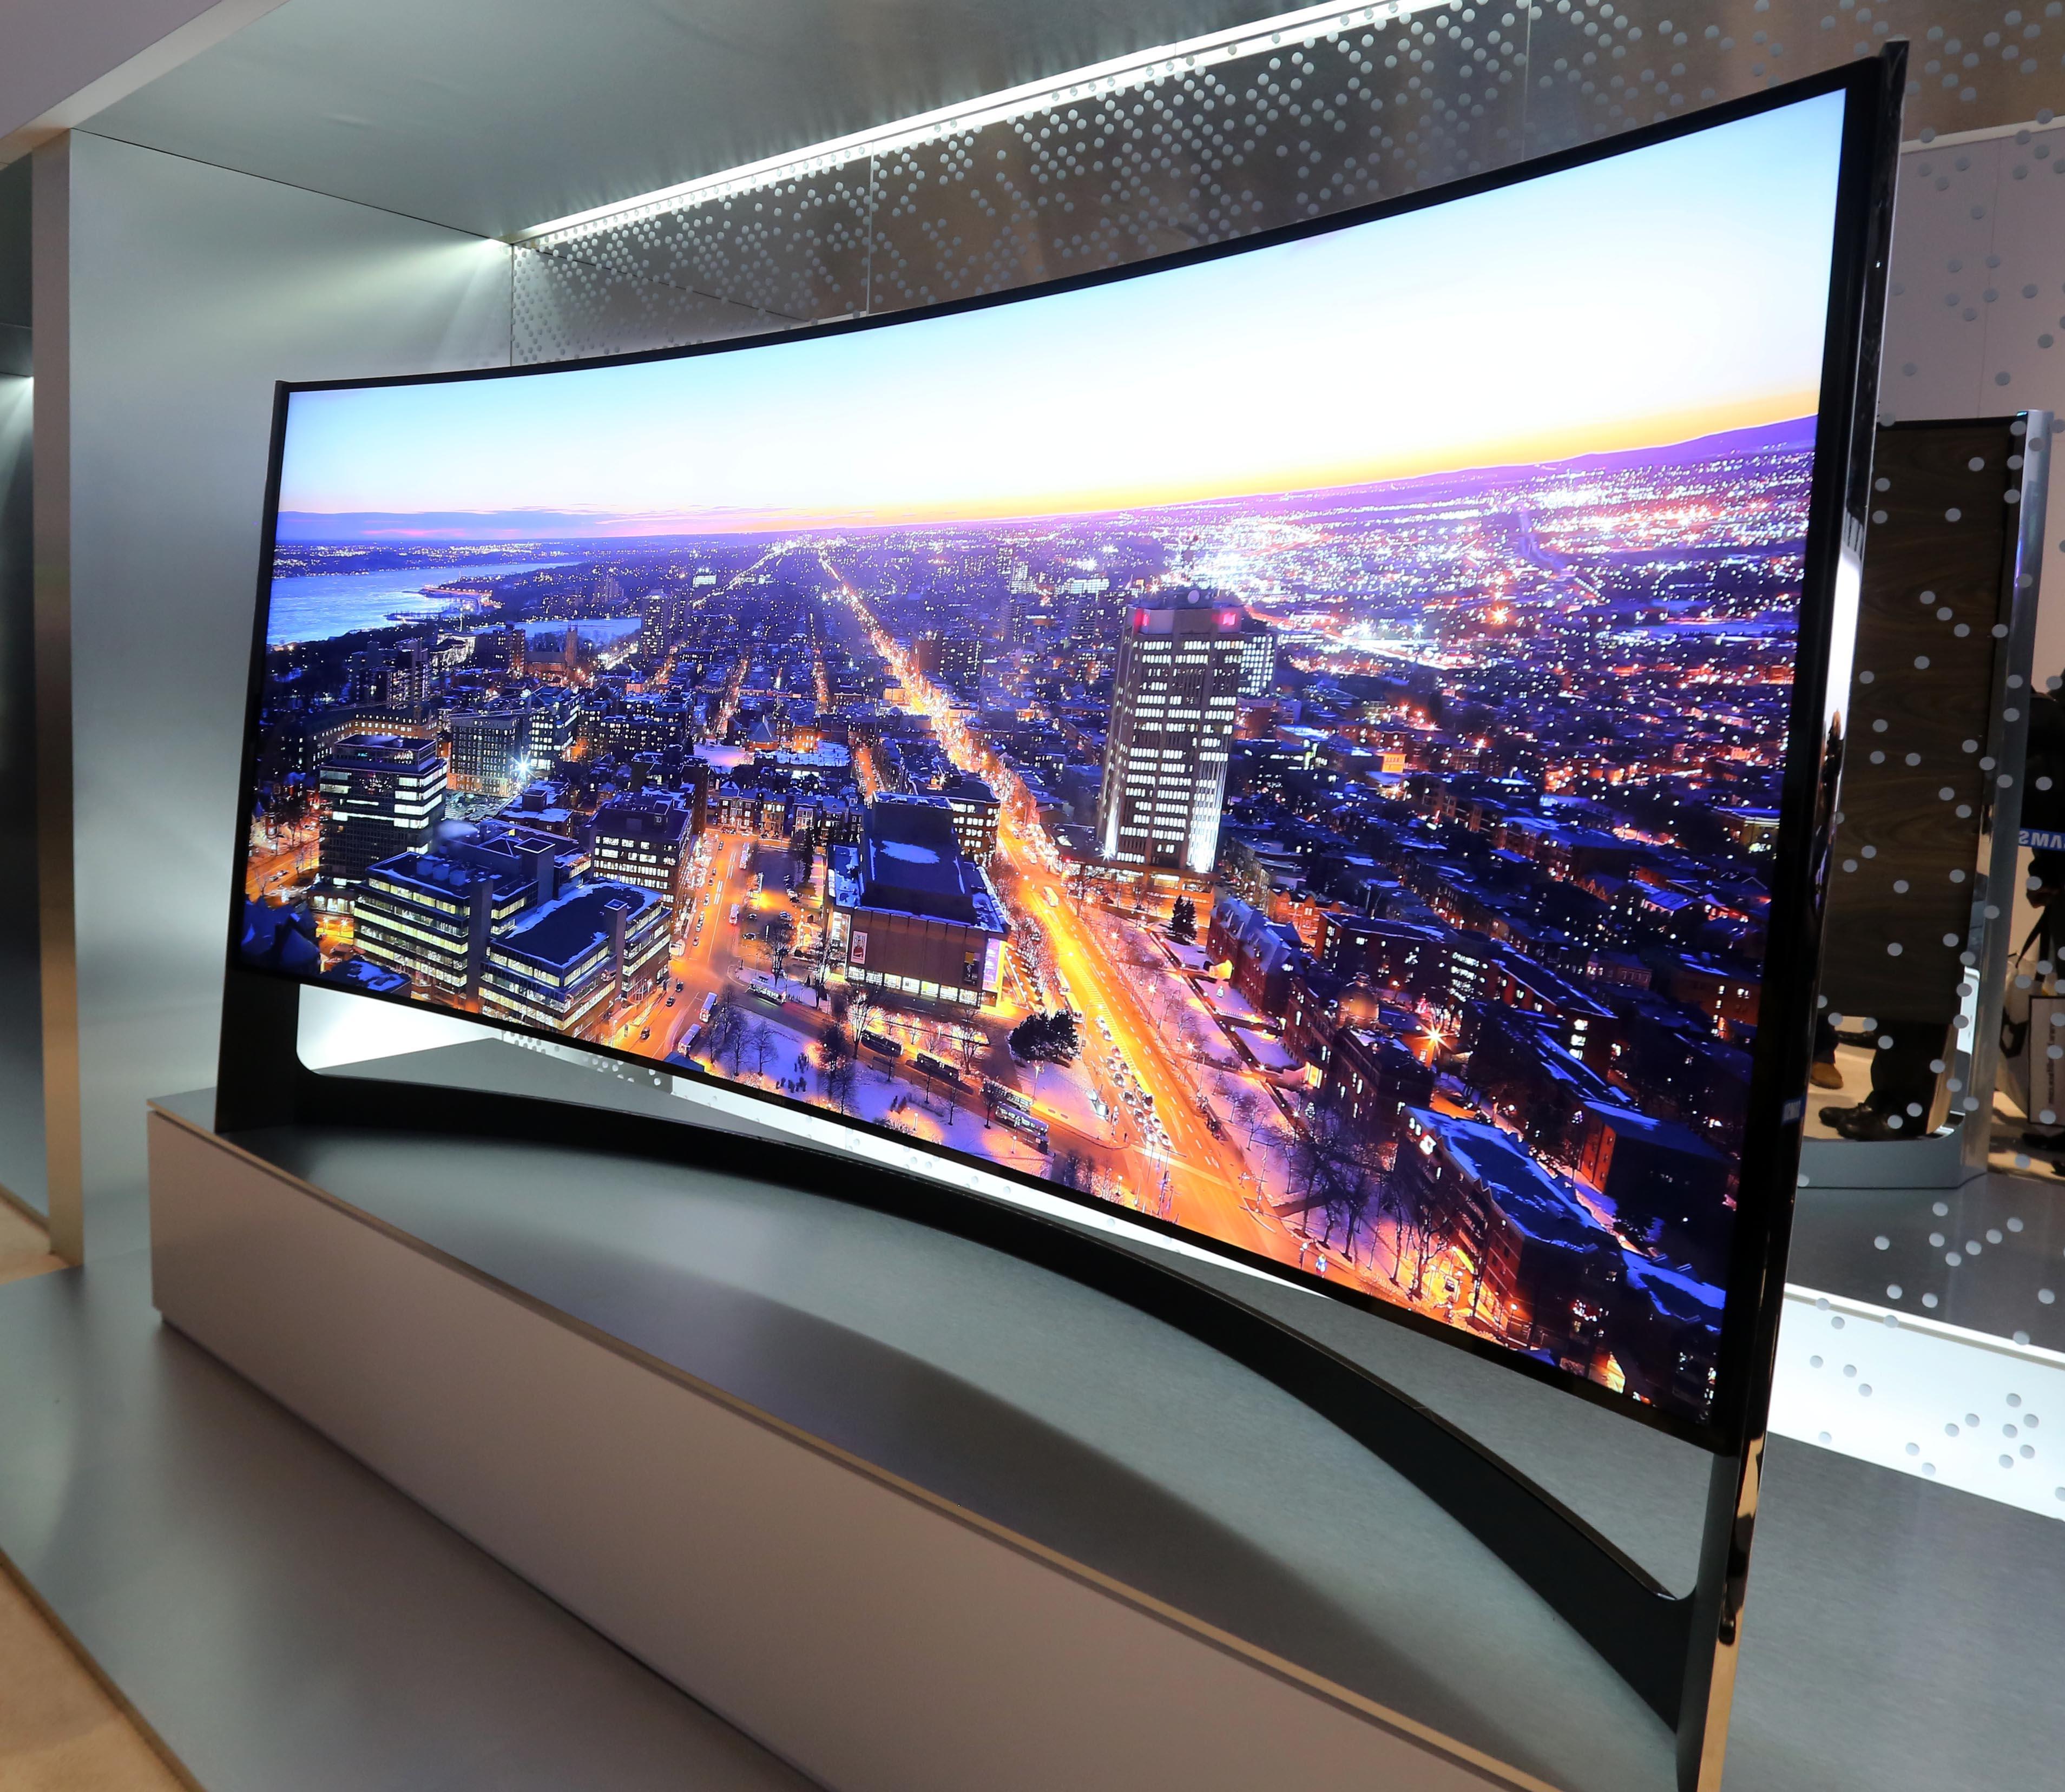 作為全球8連冠的電視技術引領者,三星電子在美國拉斯維加斯舉辦的2014 CES上正式宣布,將于2014年下半年面向市場推出105英寸曲面UHD TV U9500和85英寸可彎曲UHD TV U9B。這兩款極具突破性意義的電視在本周2014 CES上驚艷亮相后,將正式加入三星曲面電視和UHD TV的強大產品陣容。